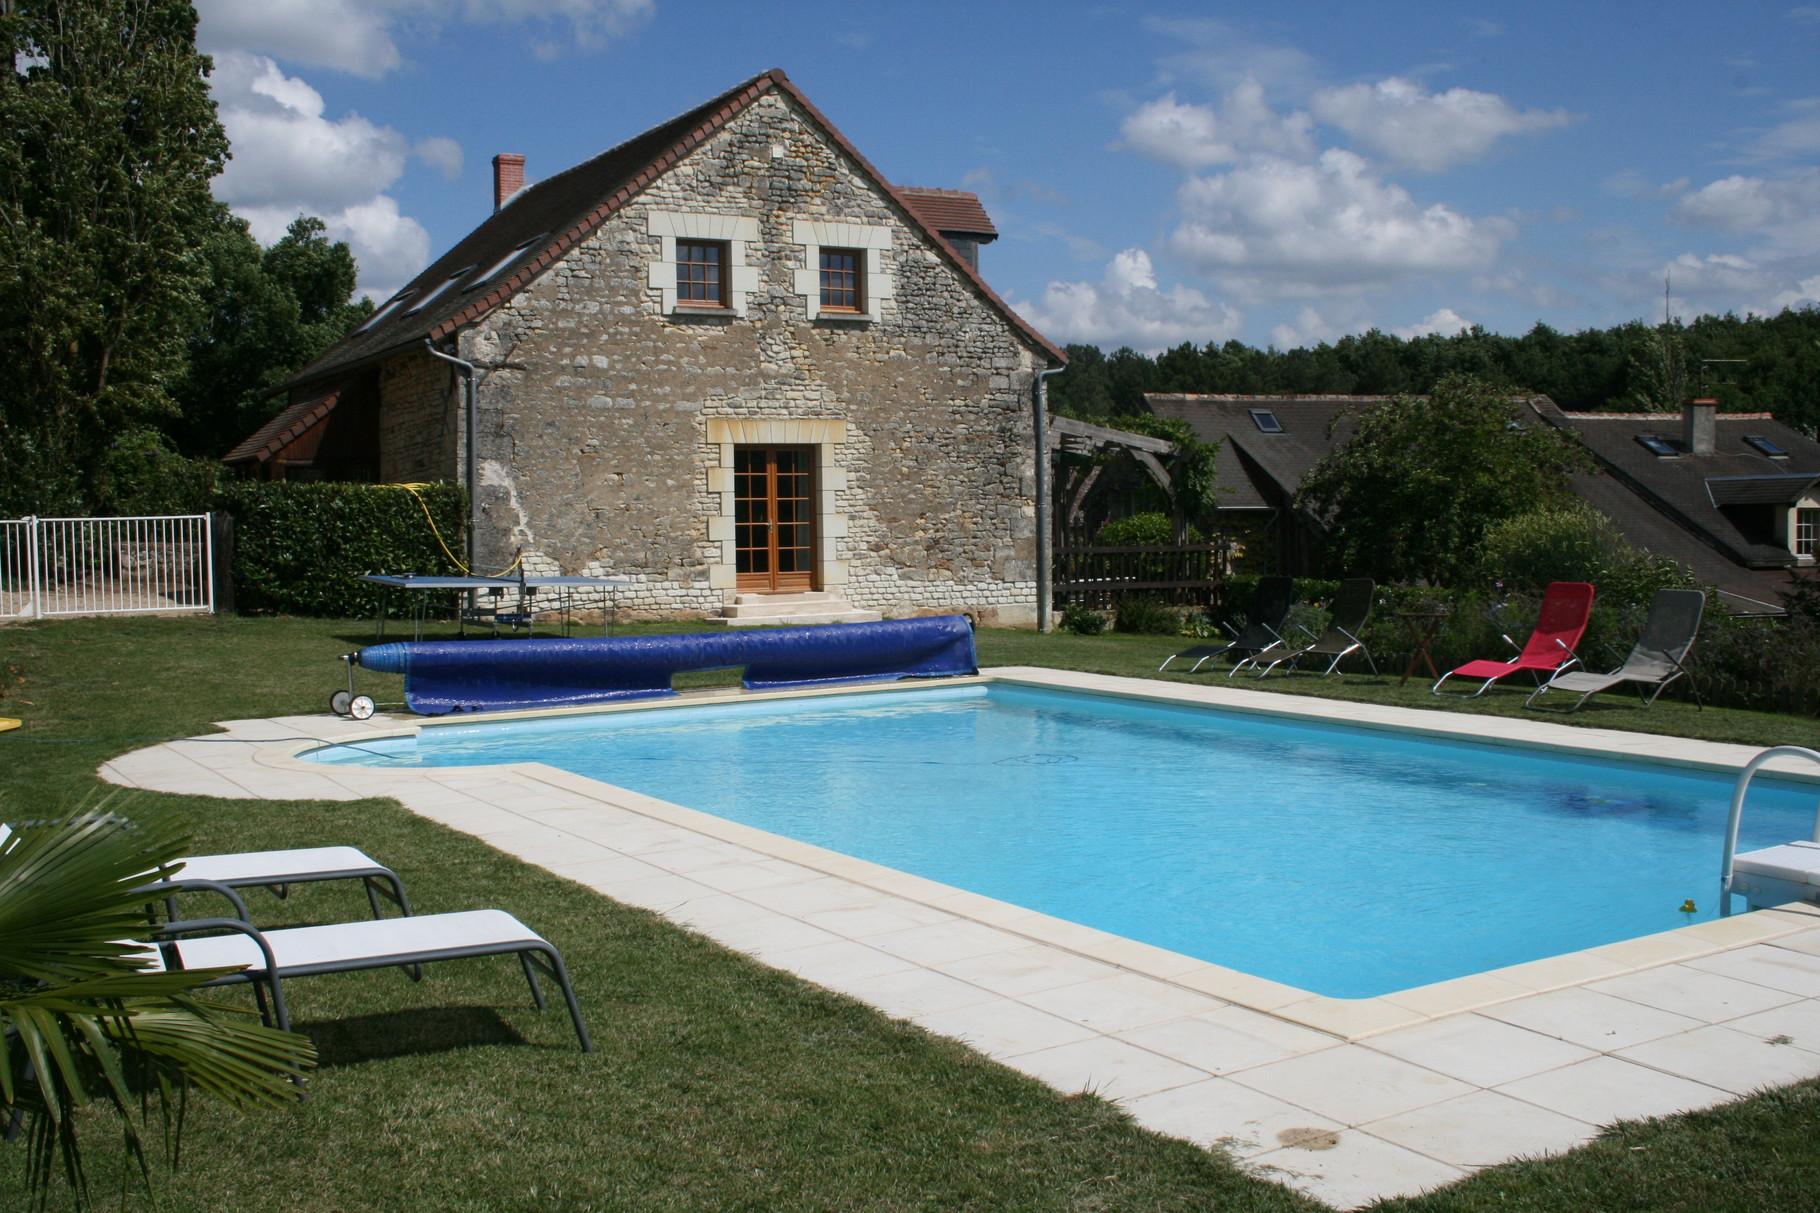 Haus von der Seite des Schwimmbeckens aus